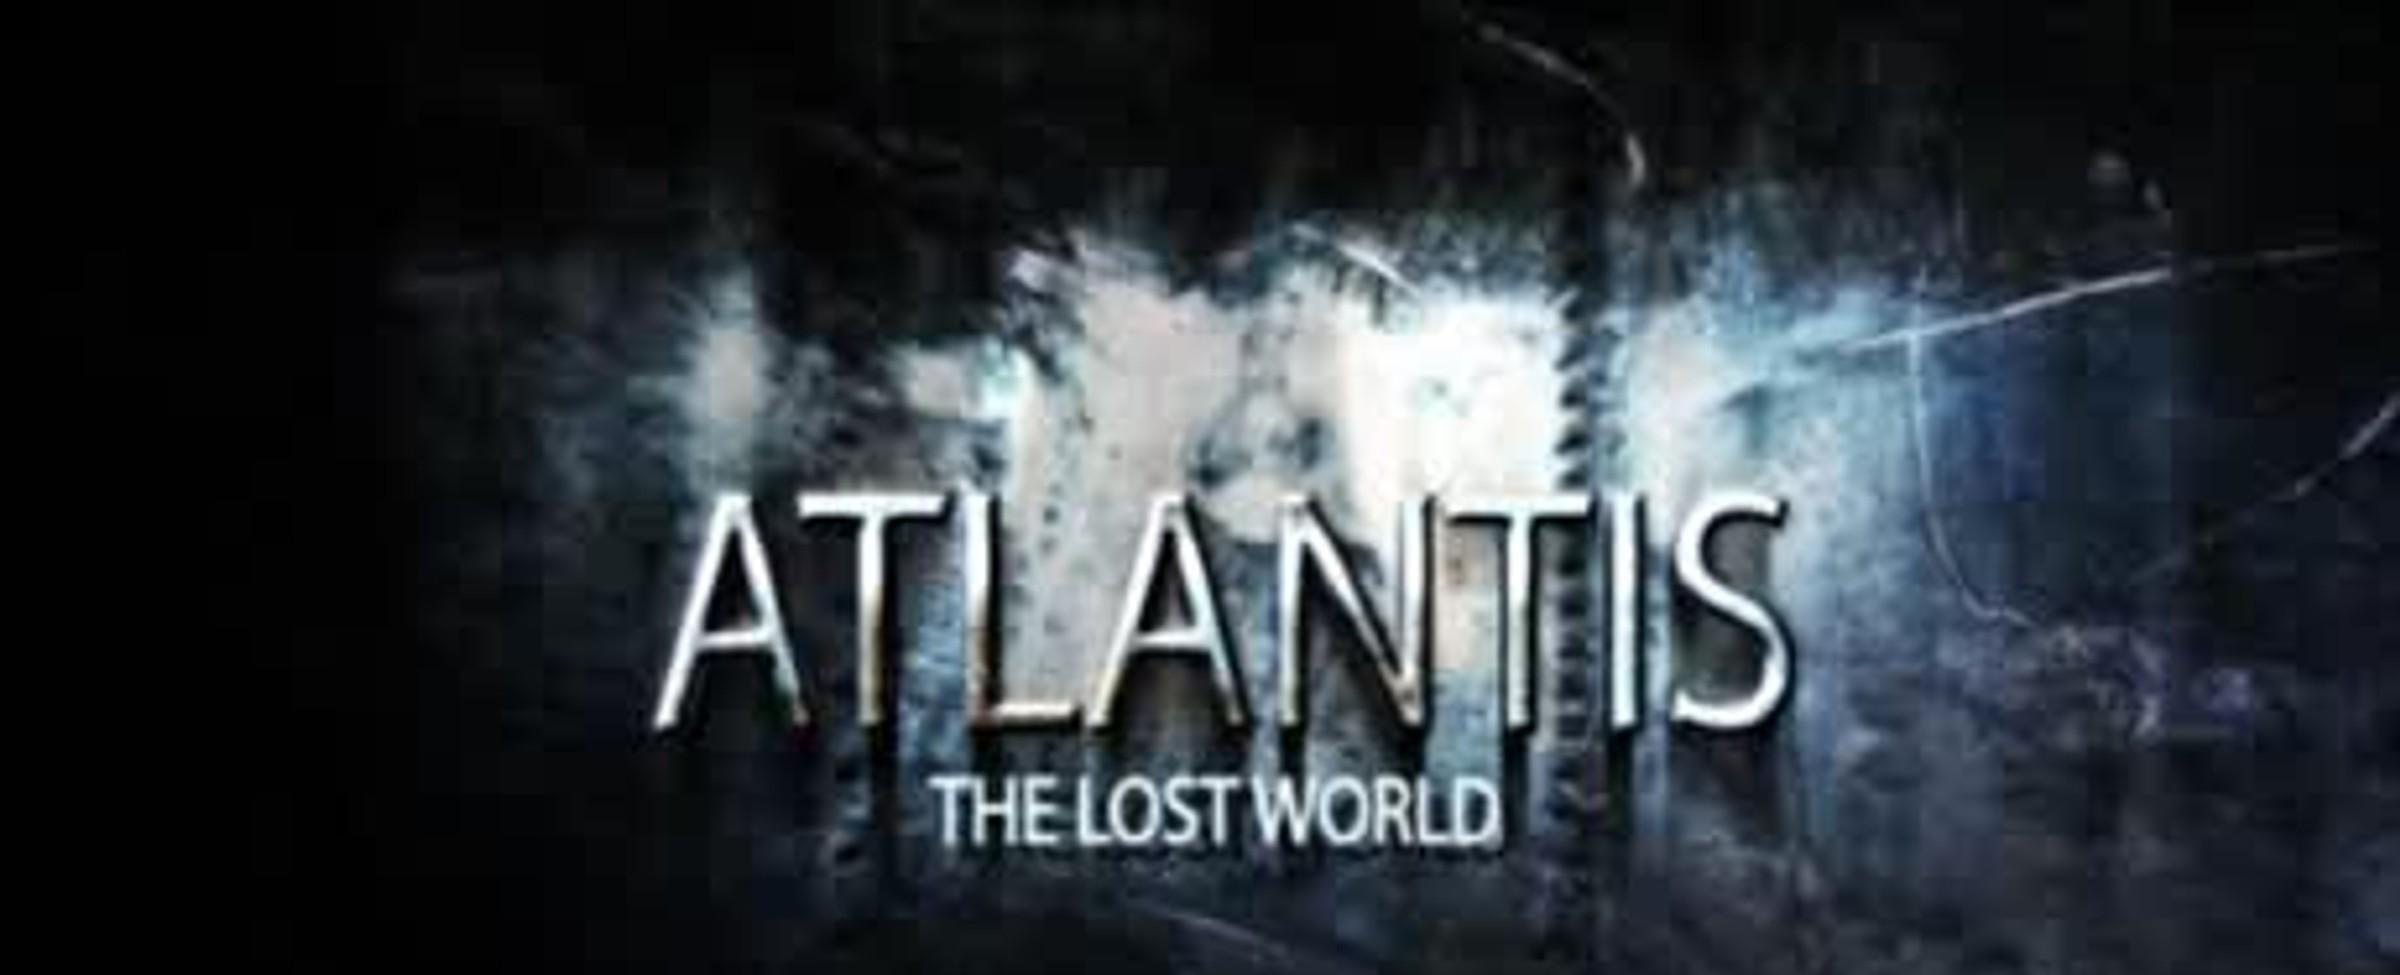 Atlantida - ztracený svět